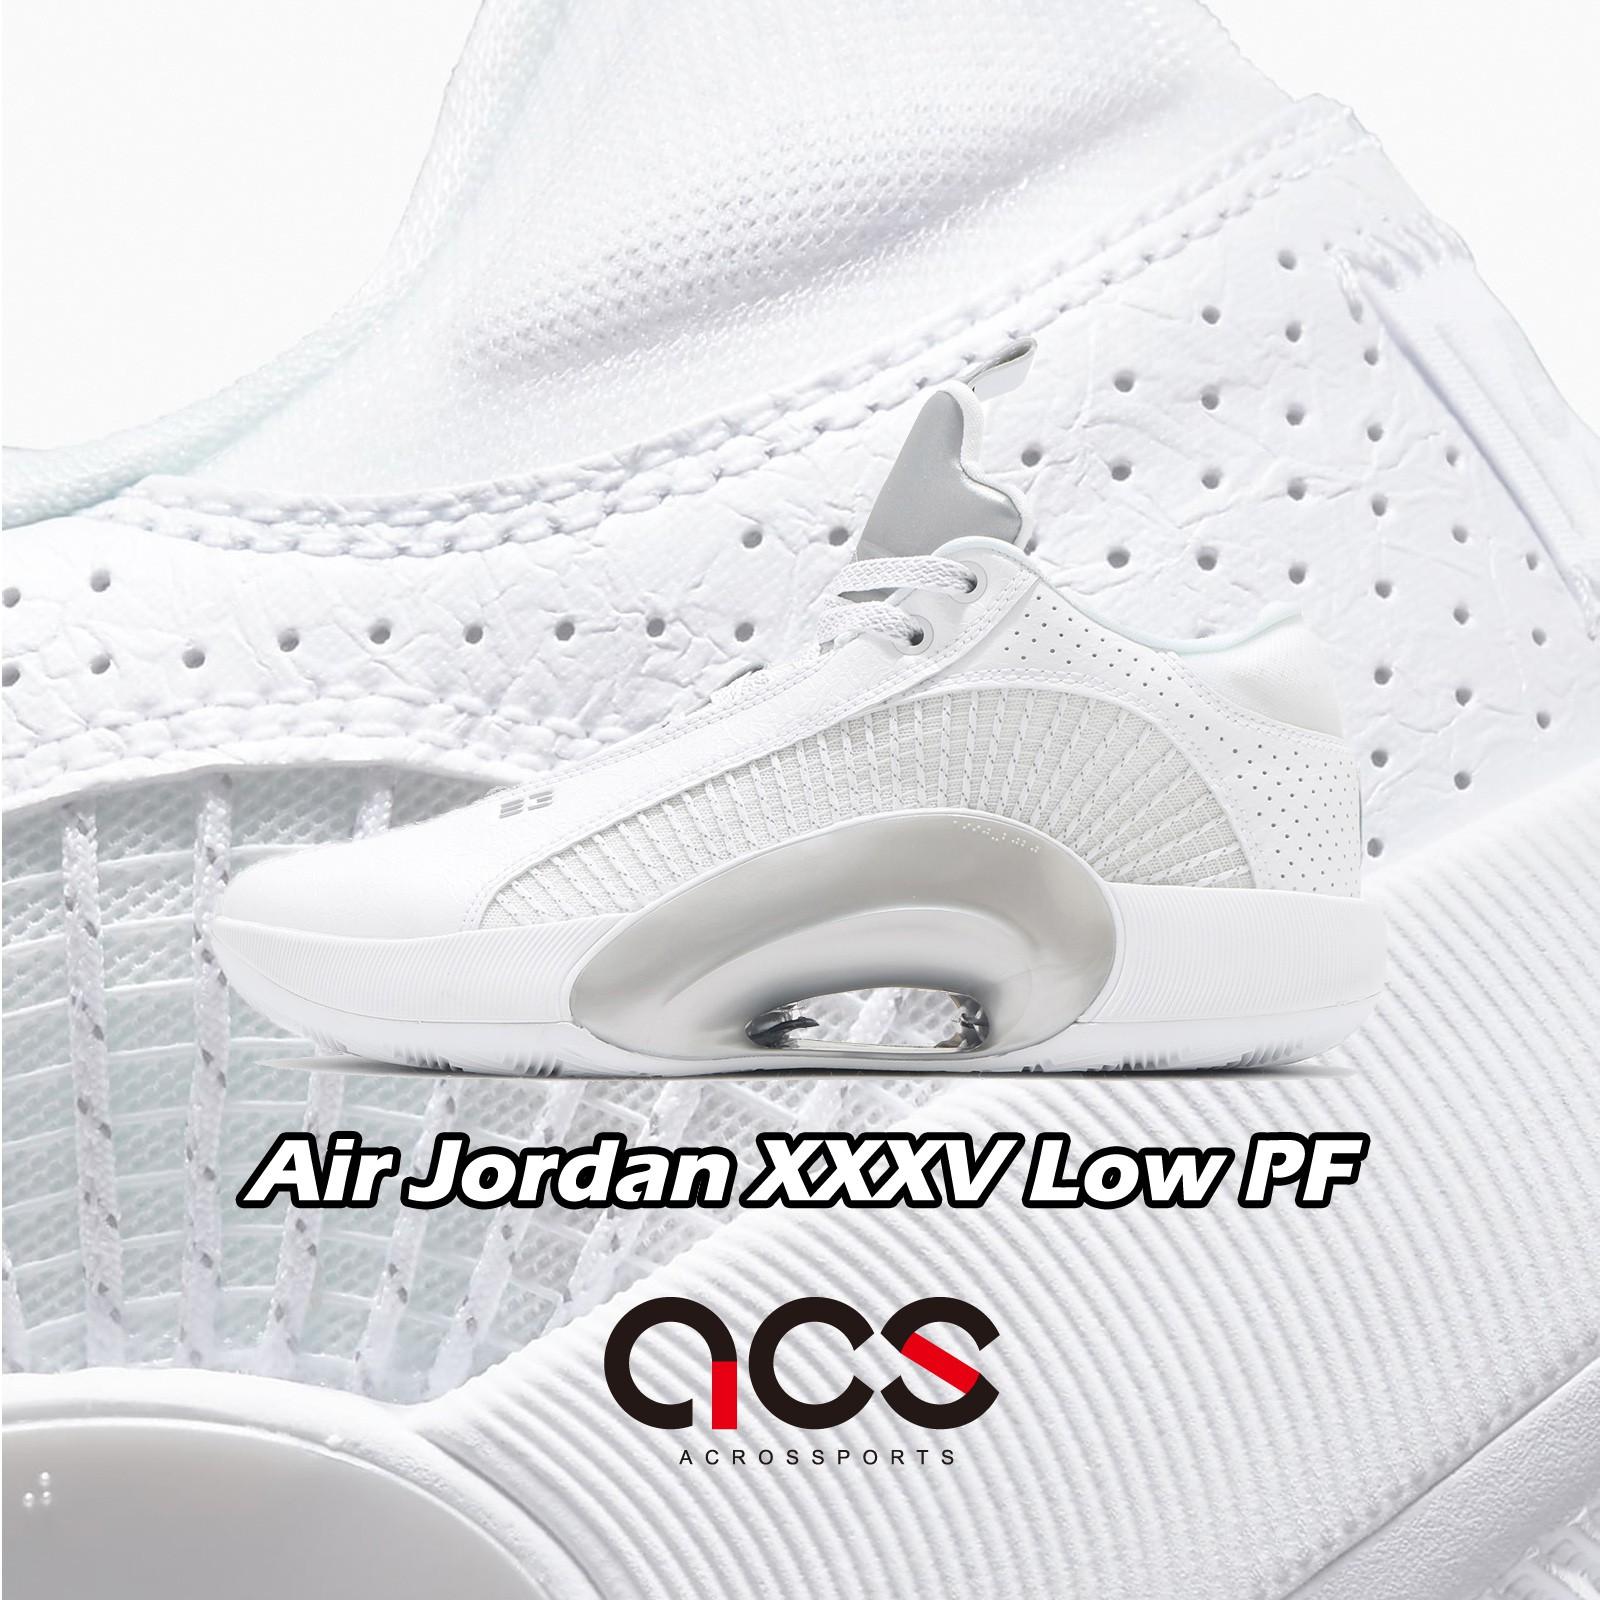 Nike 籃球鞋 Air Jordan XXXV Low PF 白 銀 喬丹 35 男鞋【ACS】 CW2459-100